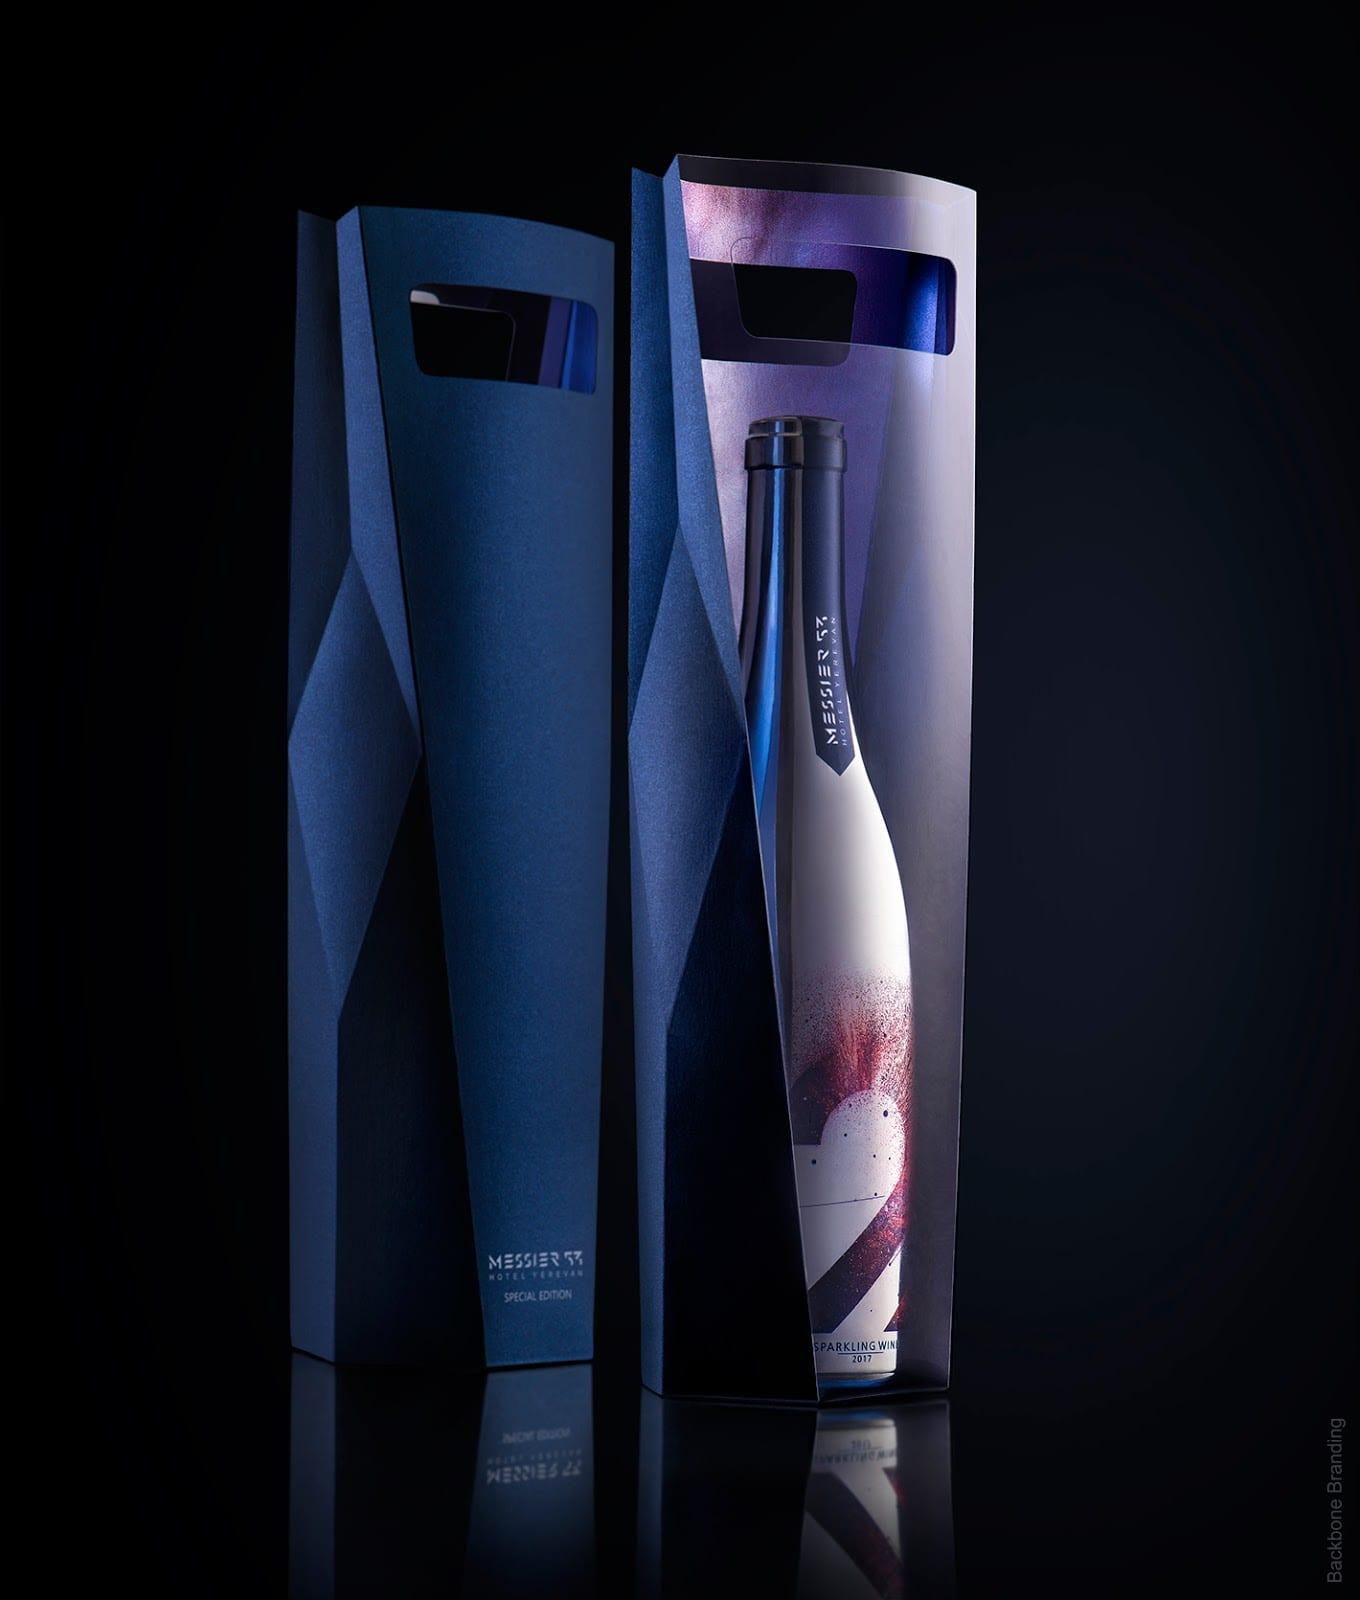 Messier 53 Wine Backbone 2 - Ach, tie obaly – Messier 53 Wine